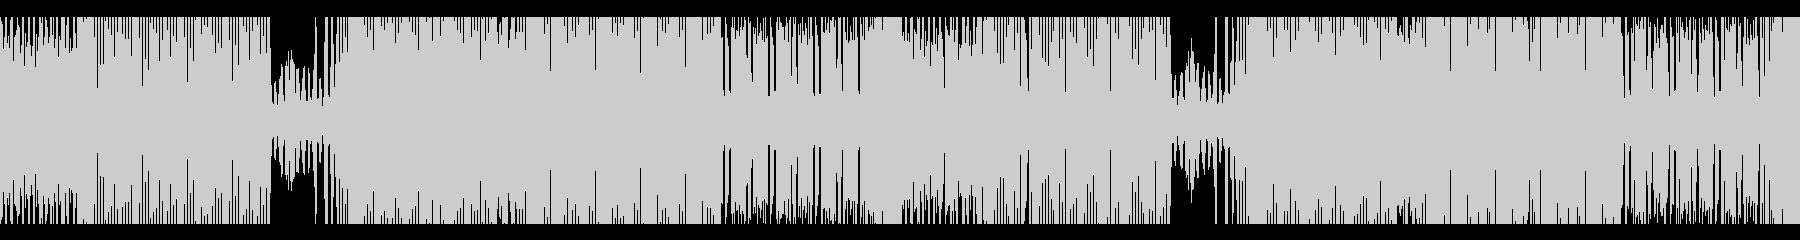 淡々としたテクノEDM(ループ可)の未再生の波形